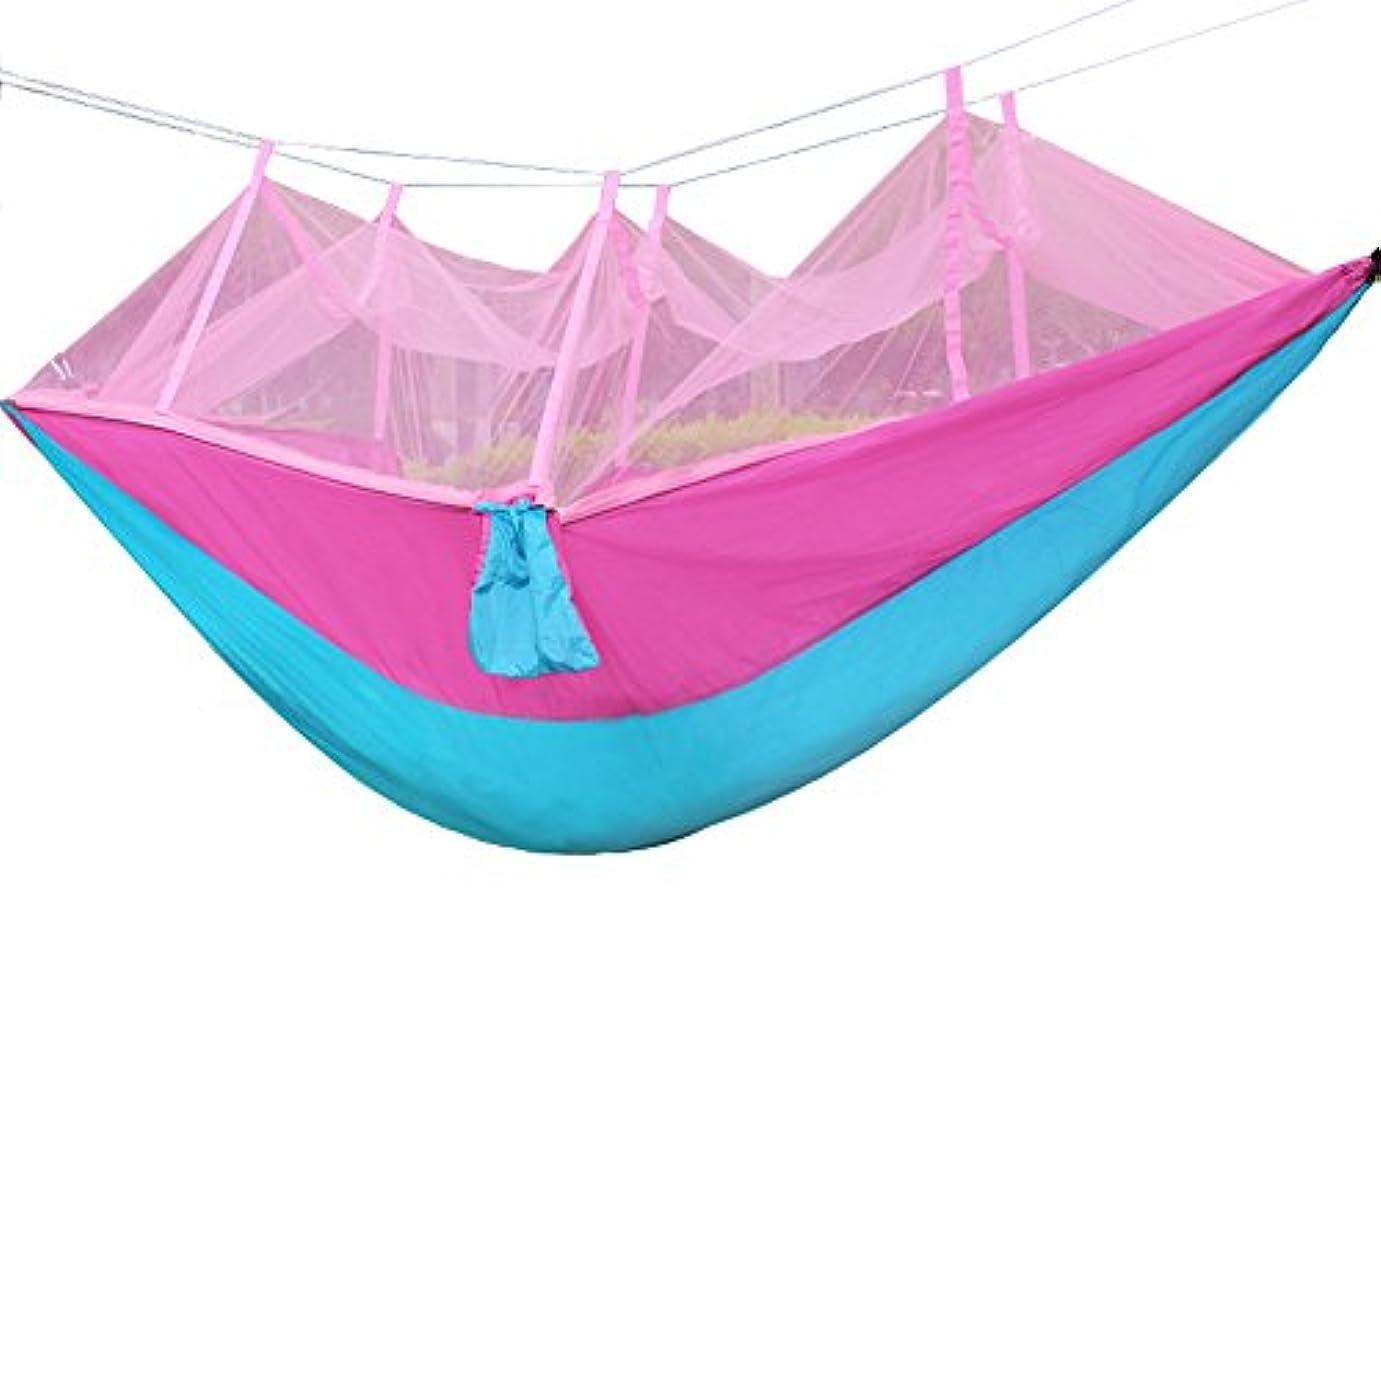 微生物マウンドつづり蚊帳の屋外のキャンプのハンモック、蚊帳が付いている携帯用、260 * 140cm